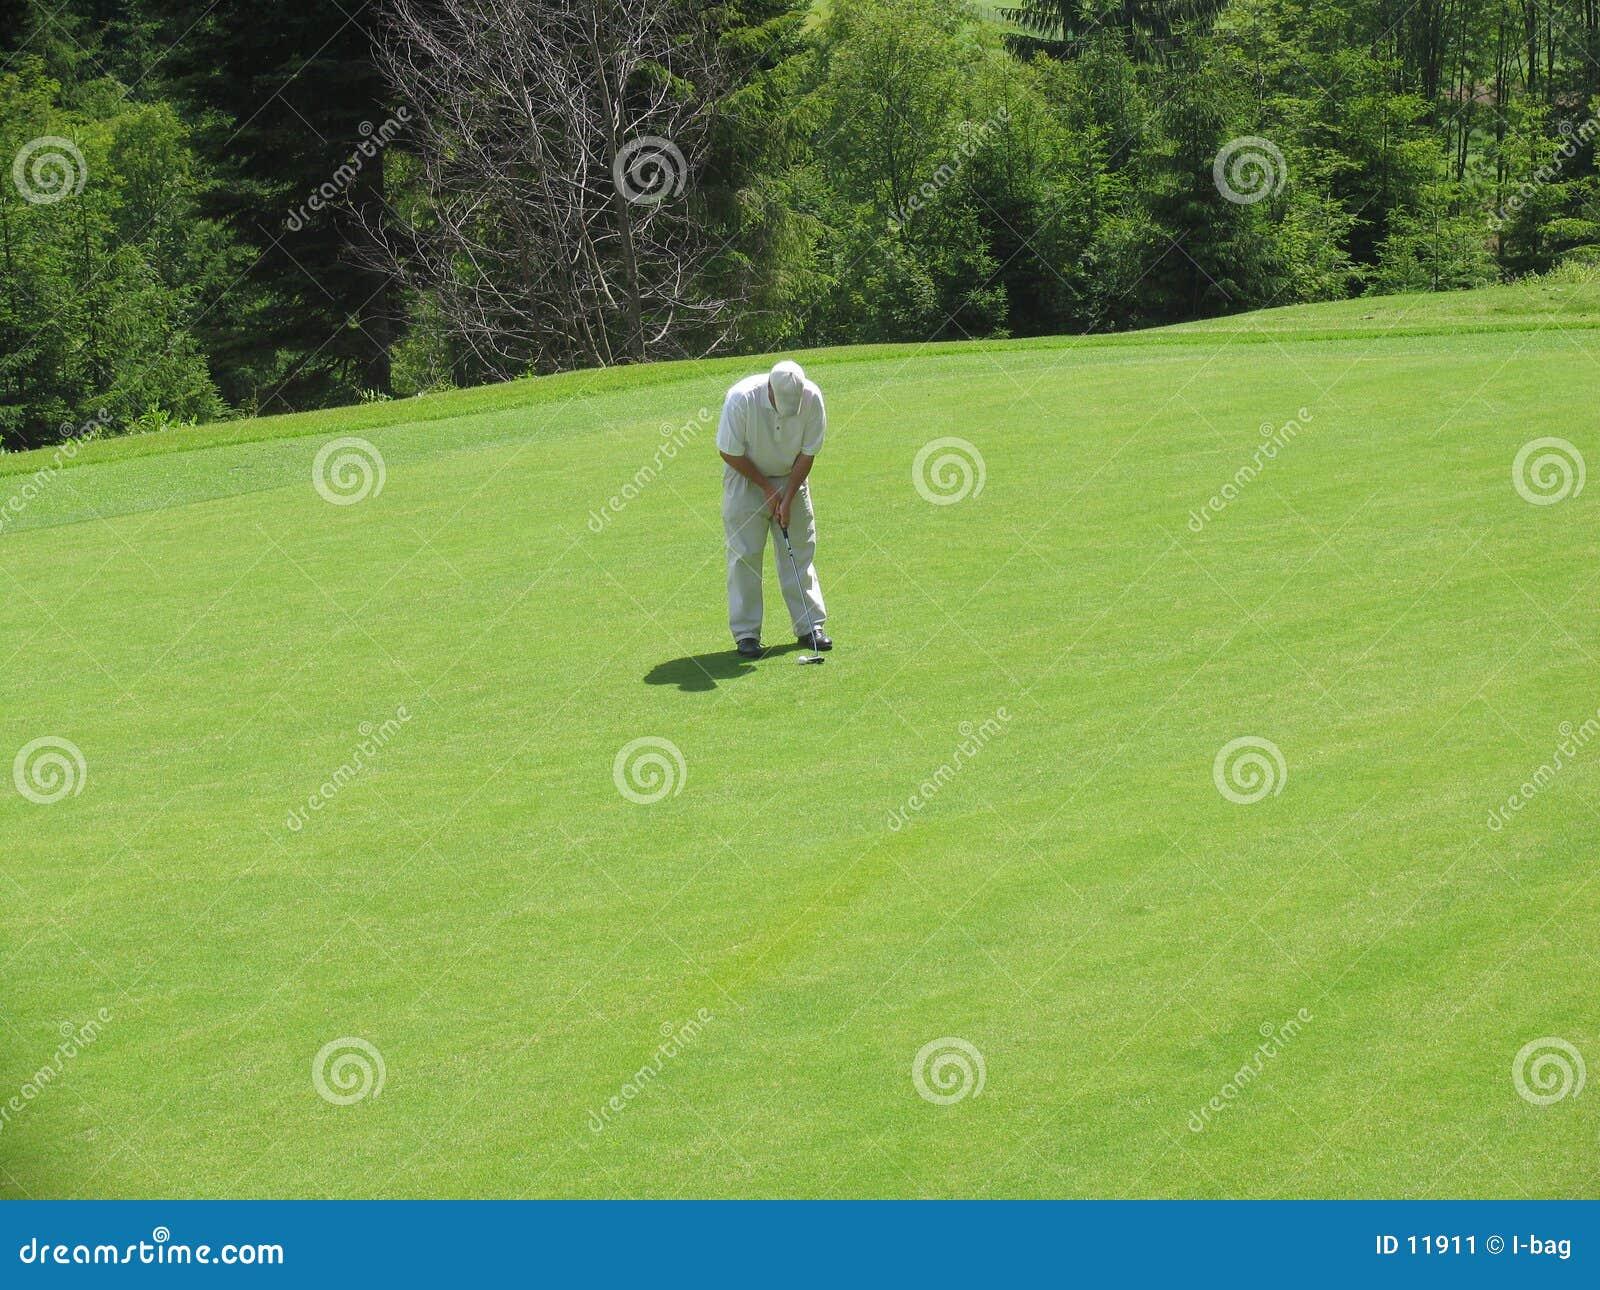 συγκεντρωμένος παίκτης γκολφ